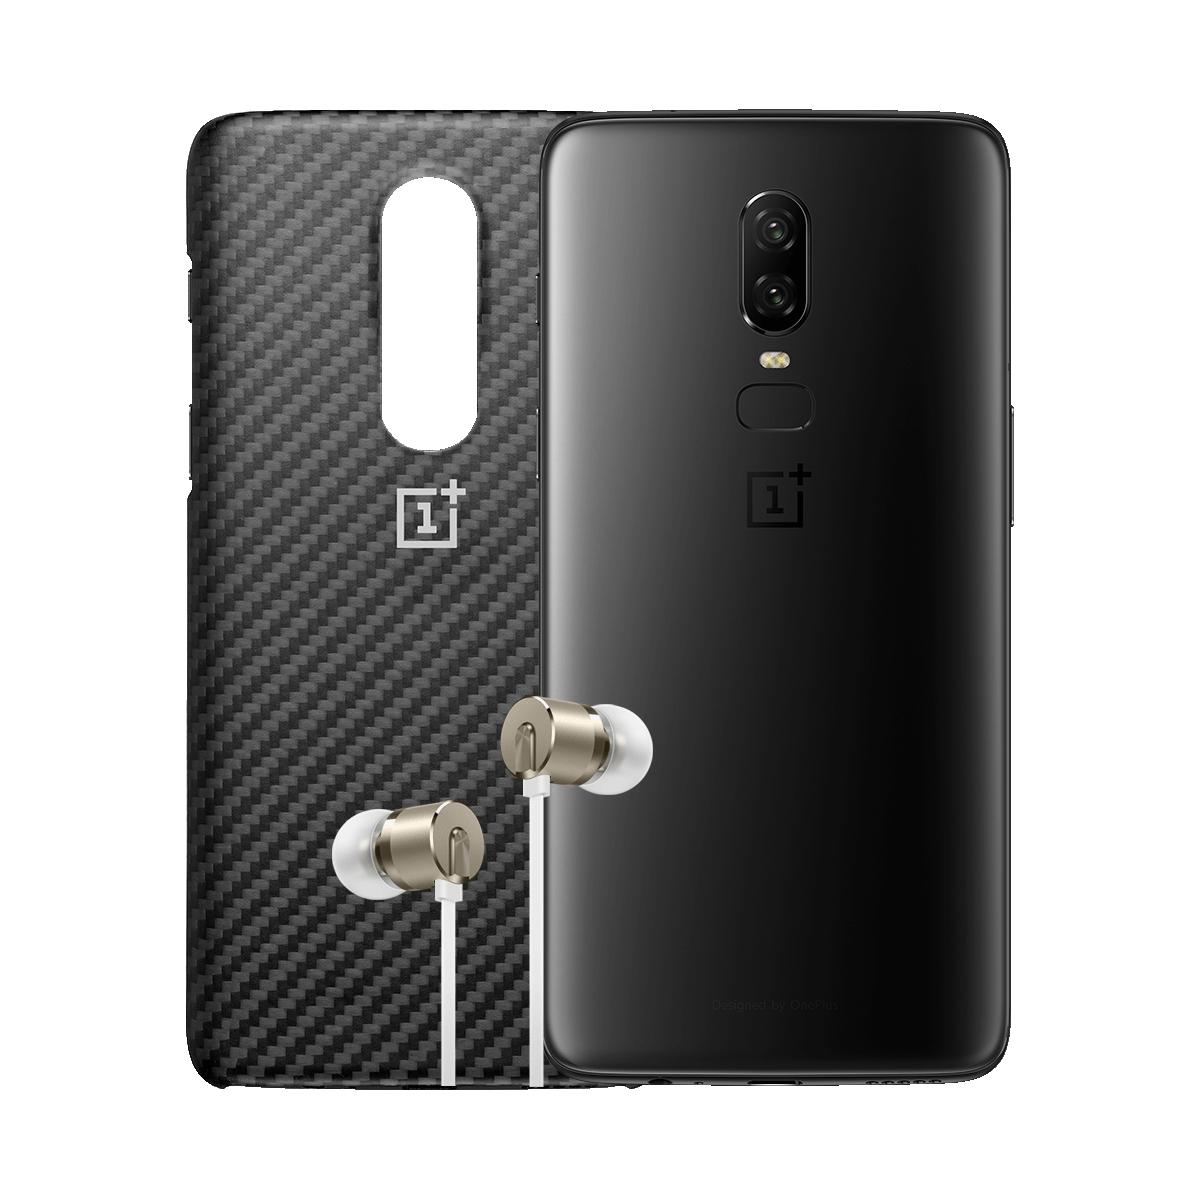 OnePlus 6 - 256GB / 8GB Big Storage Bundle: Bullet headphones + Case £569